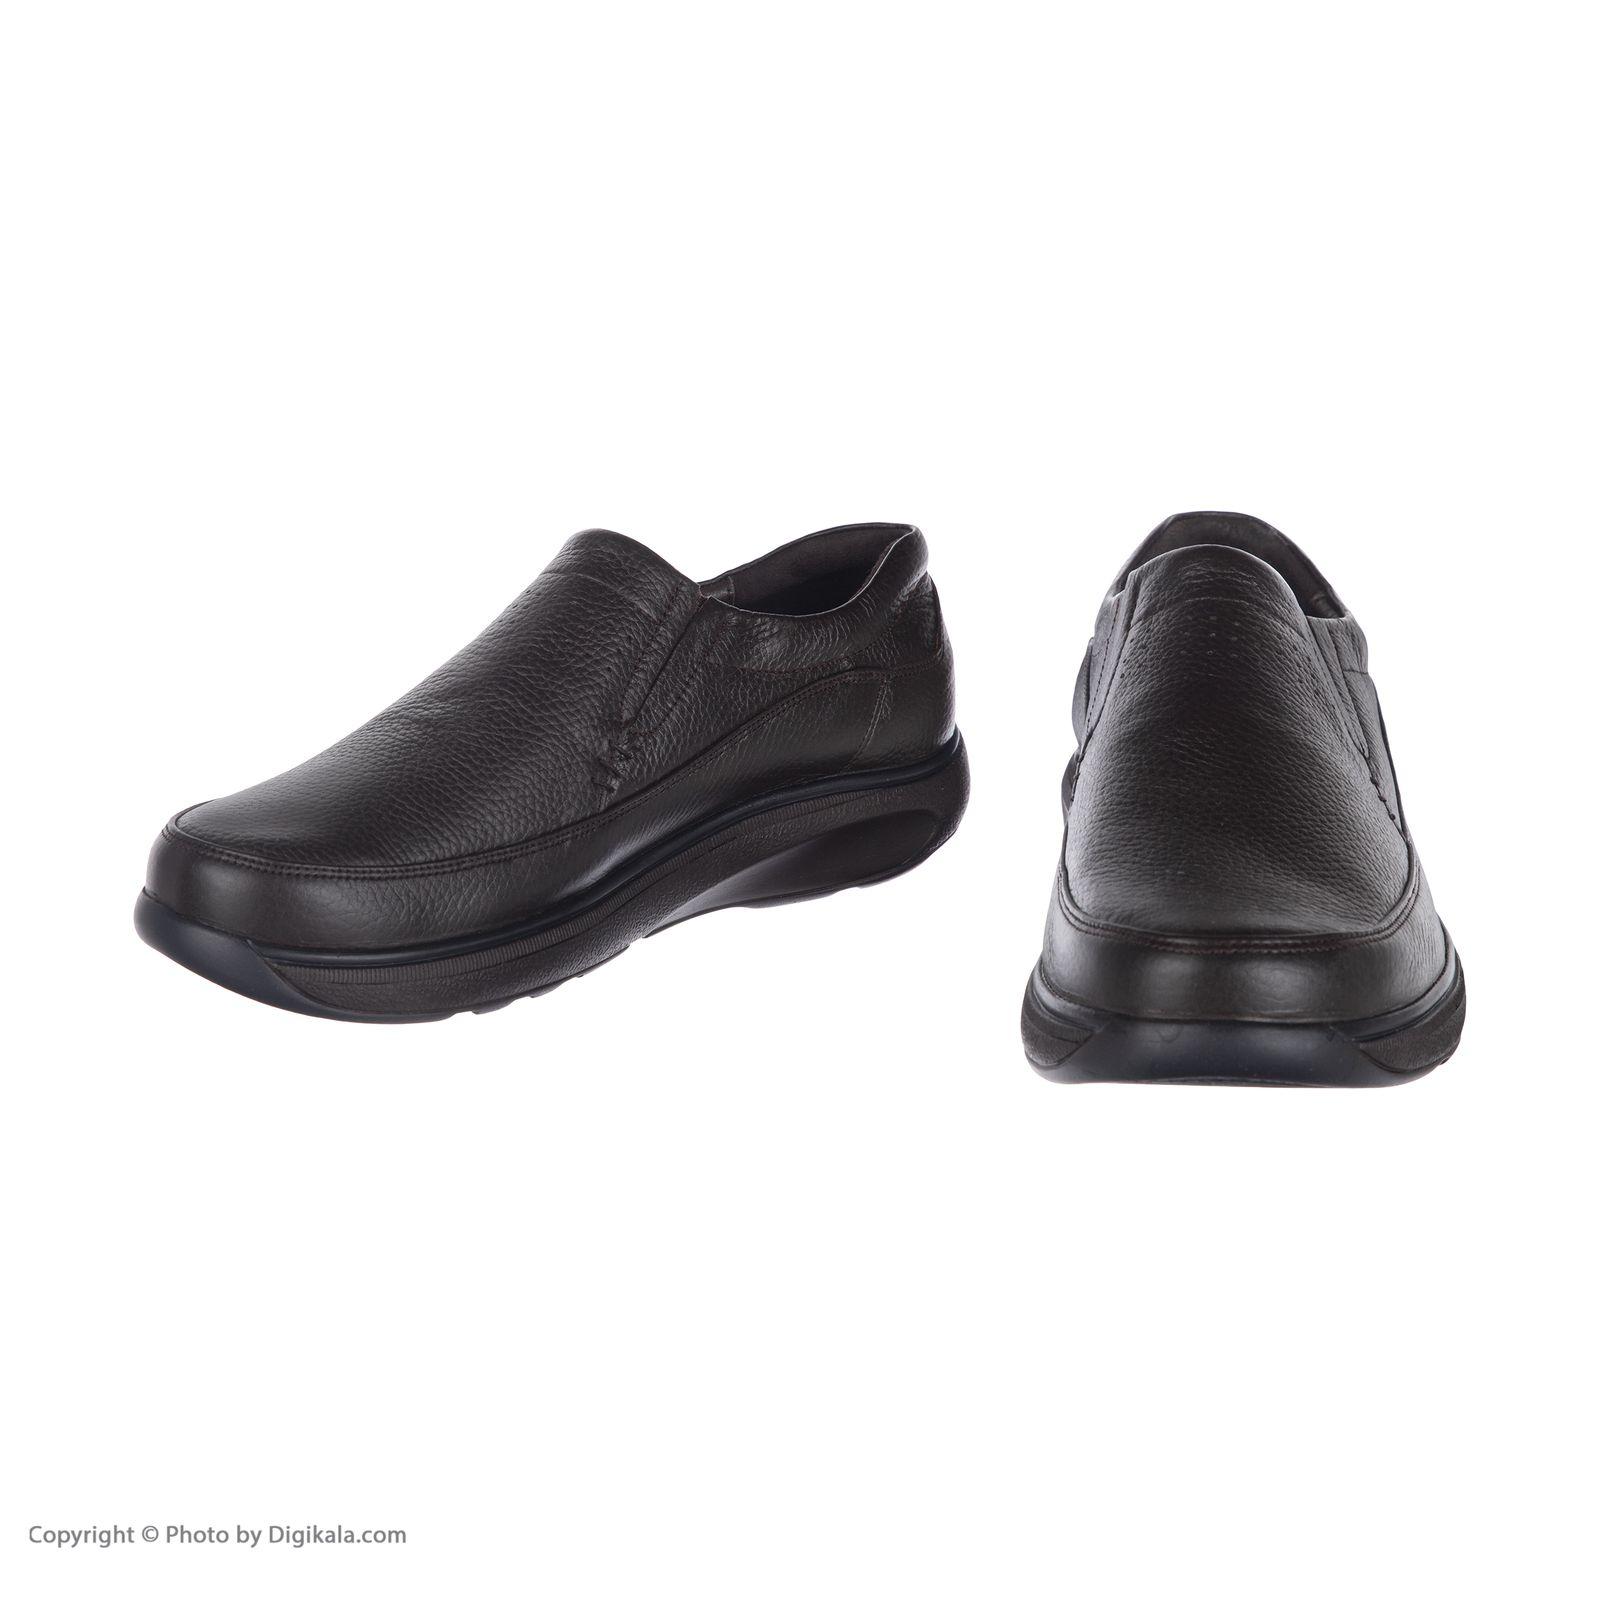 کفش روزمره مردانه دانادل مدل 8605A503104 -  - 5